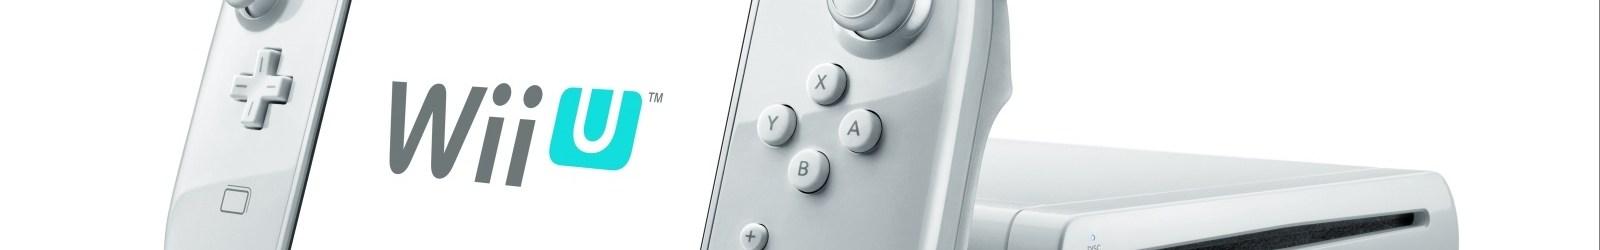 Wii U è a ROMICS, alla nuova Fiera di Roma